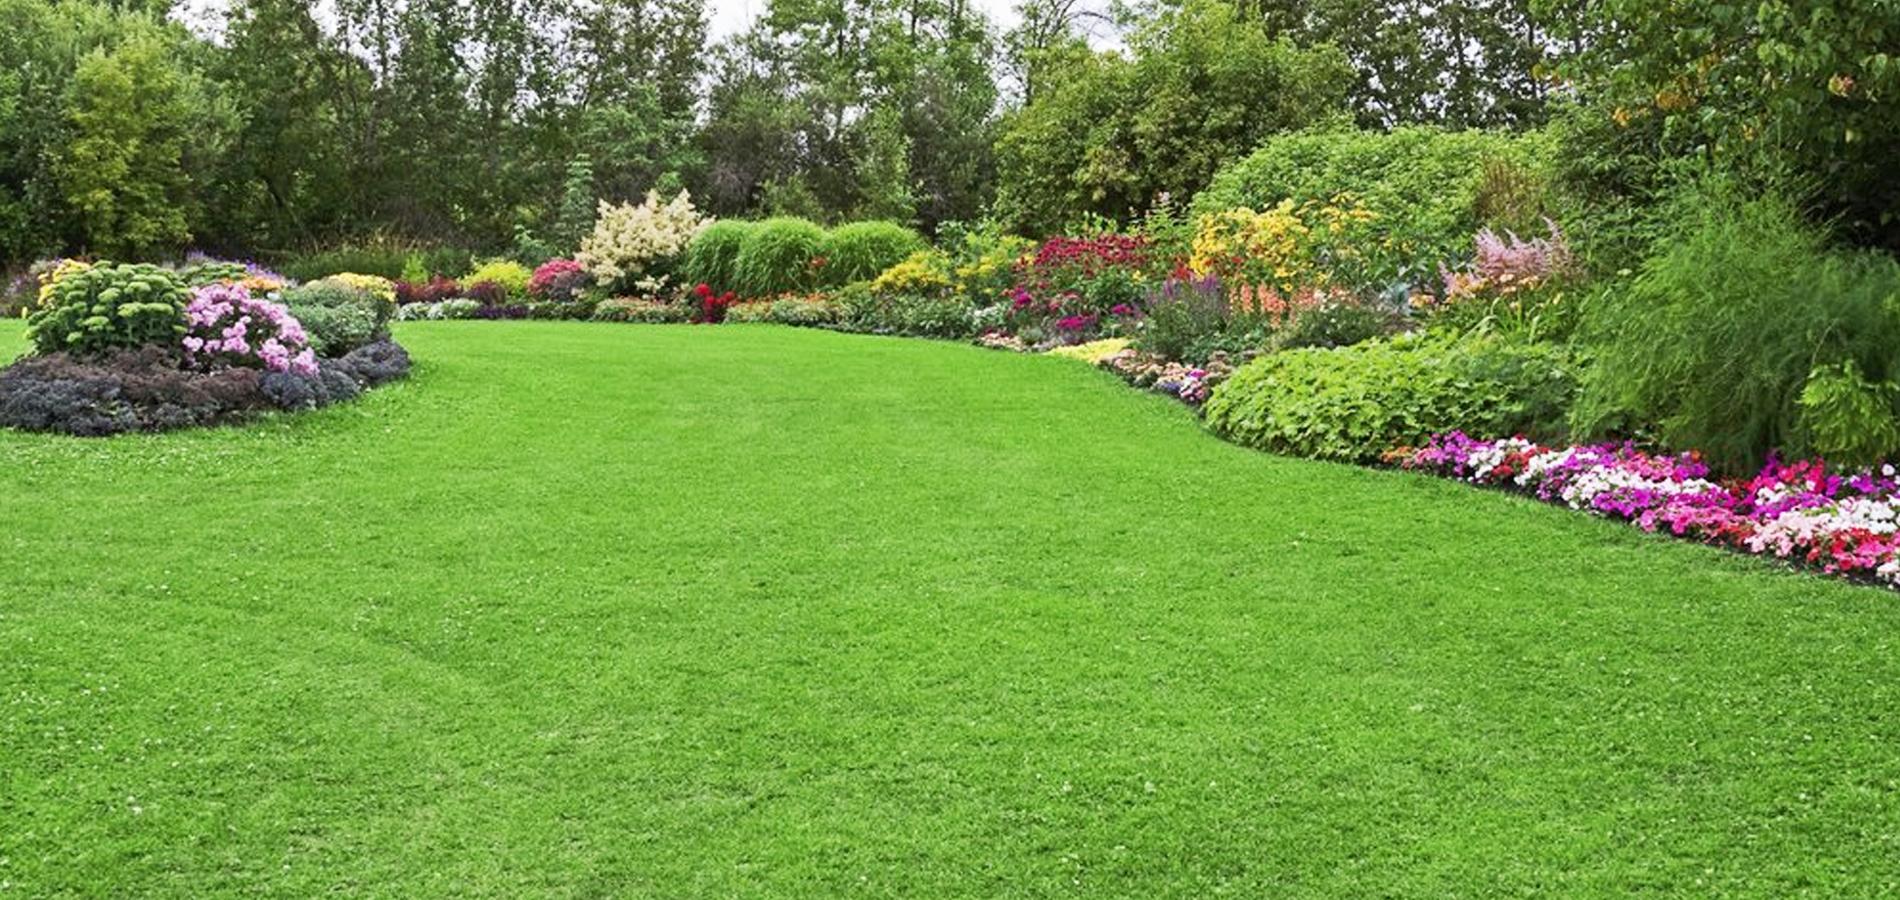 Manutenzione giardini impianti di irrigazione verdeblu for Manutenzione giardini